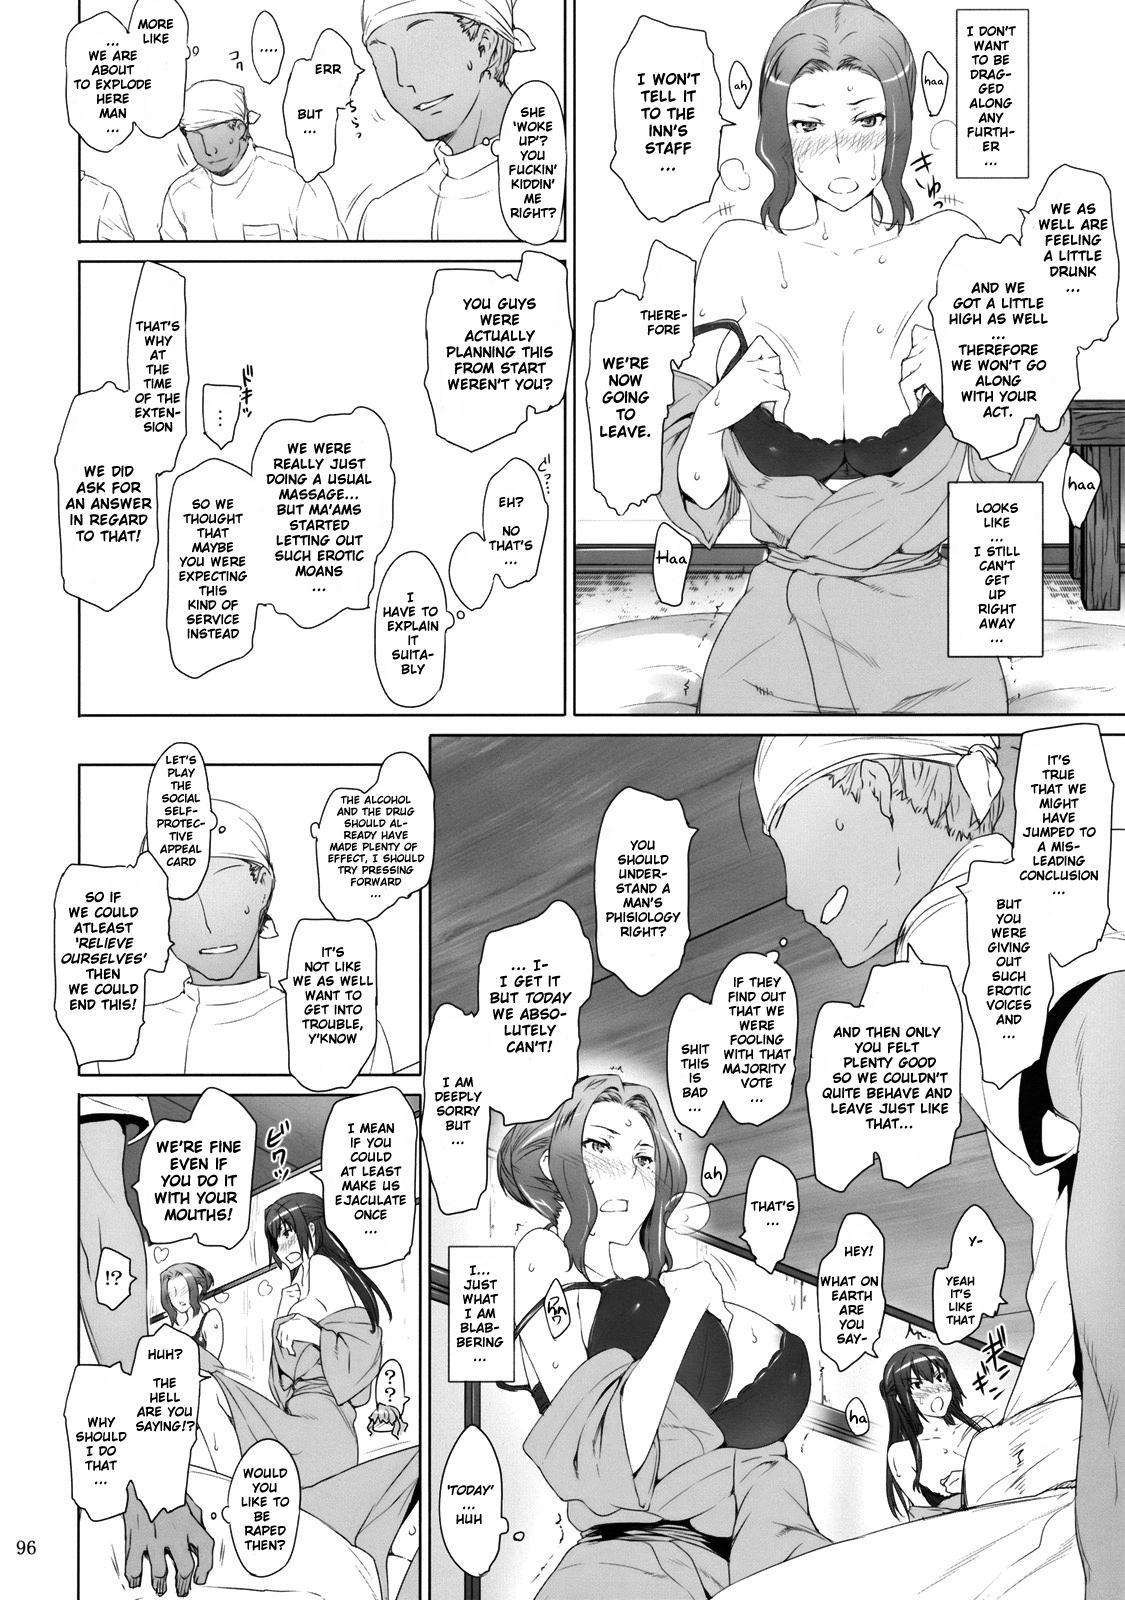 (C81) [MTSP (Jin)] Tachibana-san-chi no Dansei Jijou | Tachibana-san's Circumstances With a Man [English] {doujin-moe.us} 94